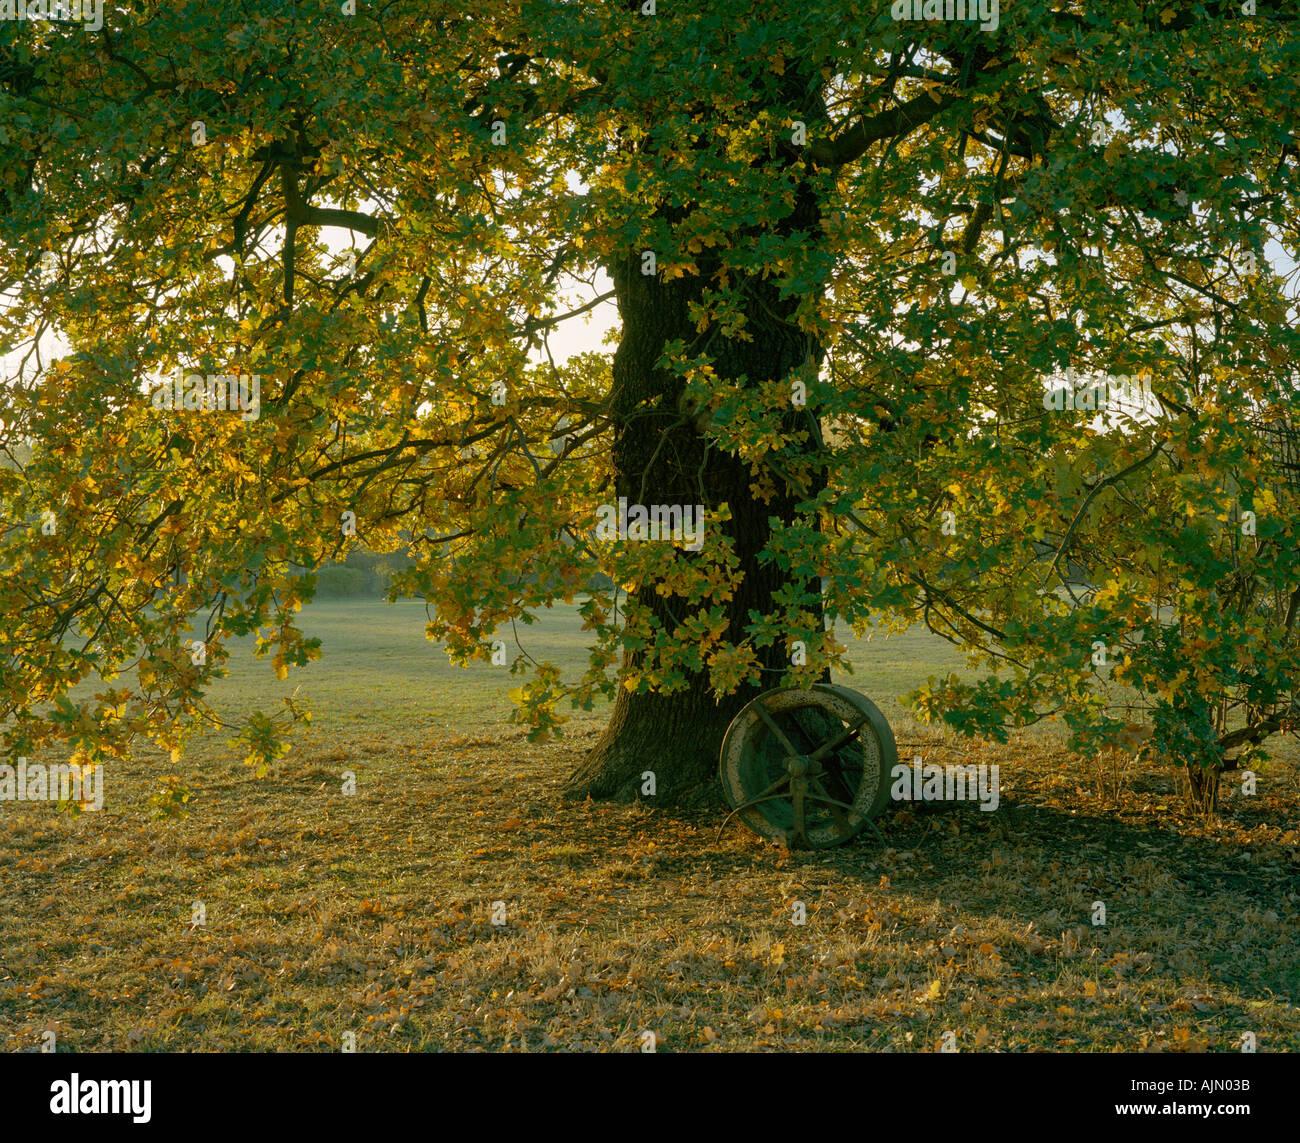 Rouleau d'herbe en vertu de l'arbre de chêne près de terrain de cricket au début de l'automne Banque D'Images